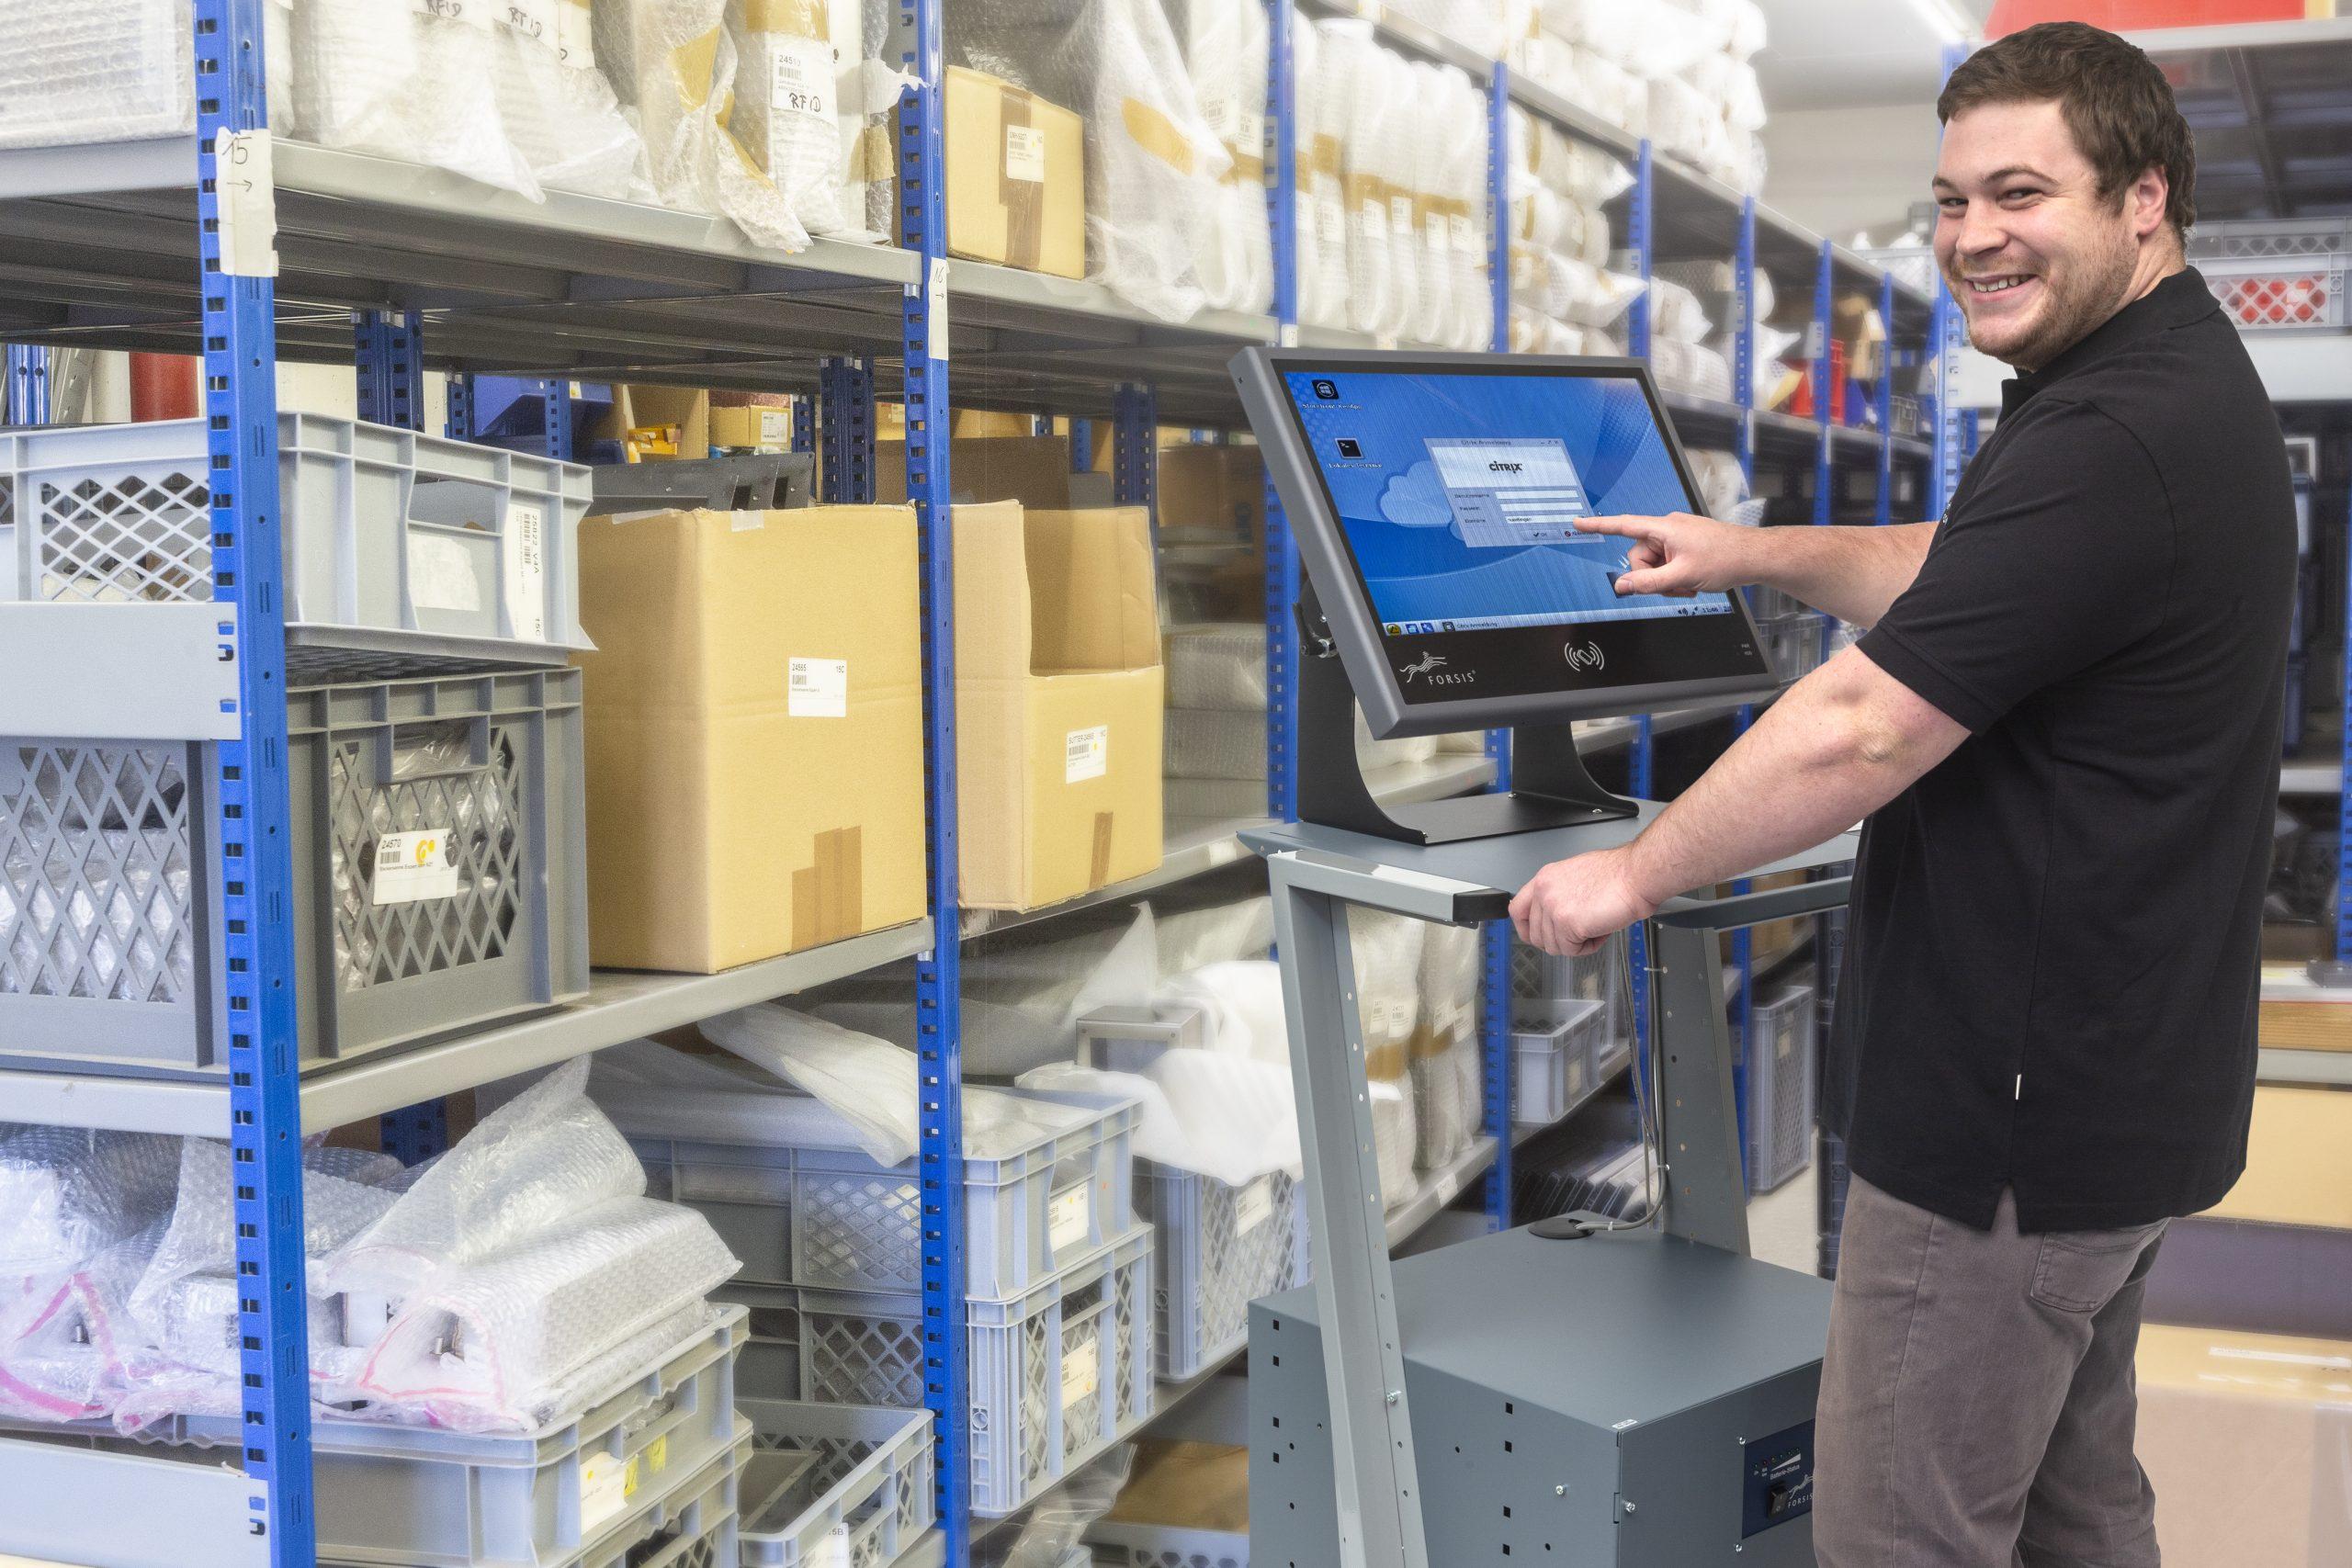 Bereit zur digital geführten Teilentnahme: Mitarbeiter bei der Anmeldung an mobilem Arbeitsplatz. (Bild: Forsis GmbH)